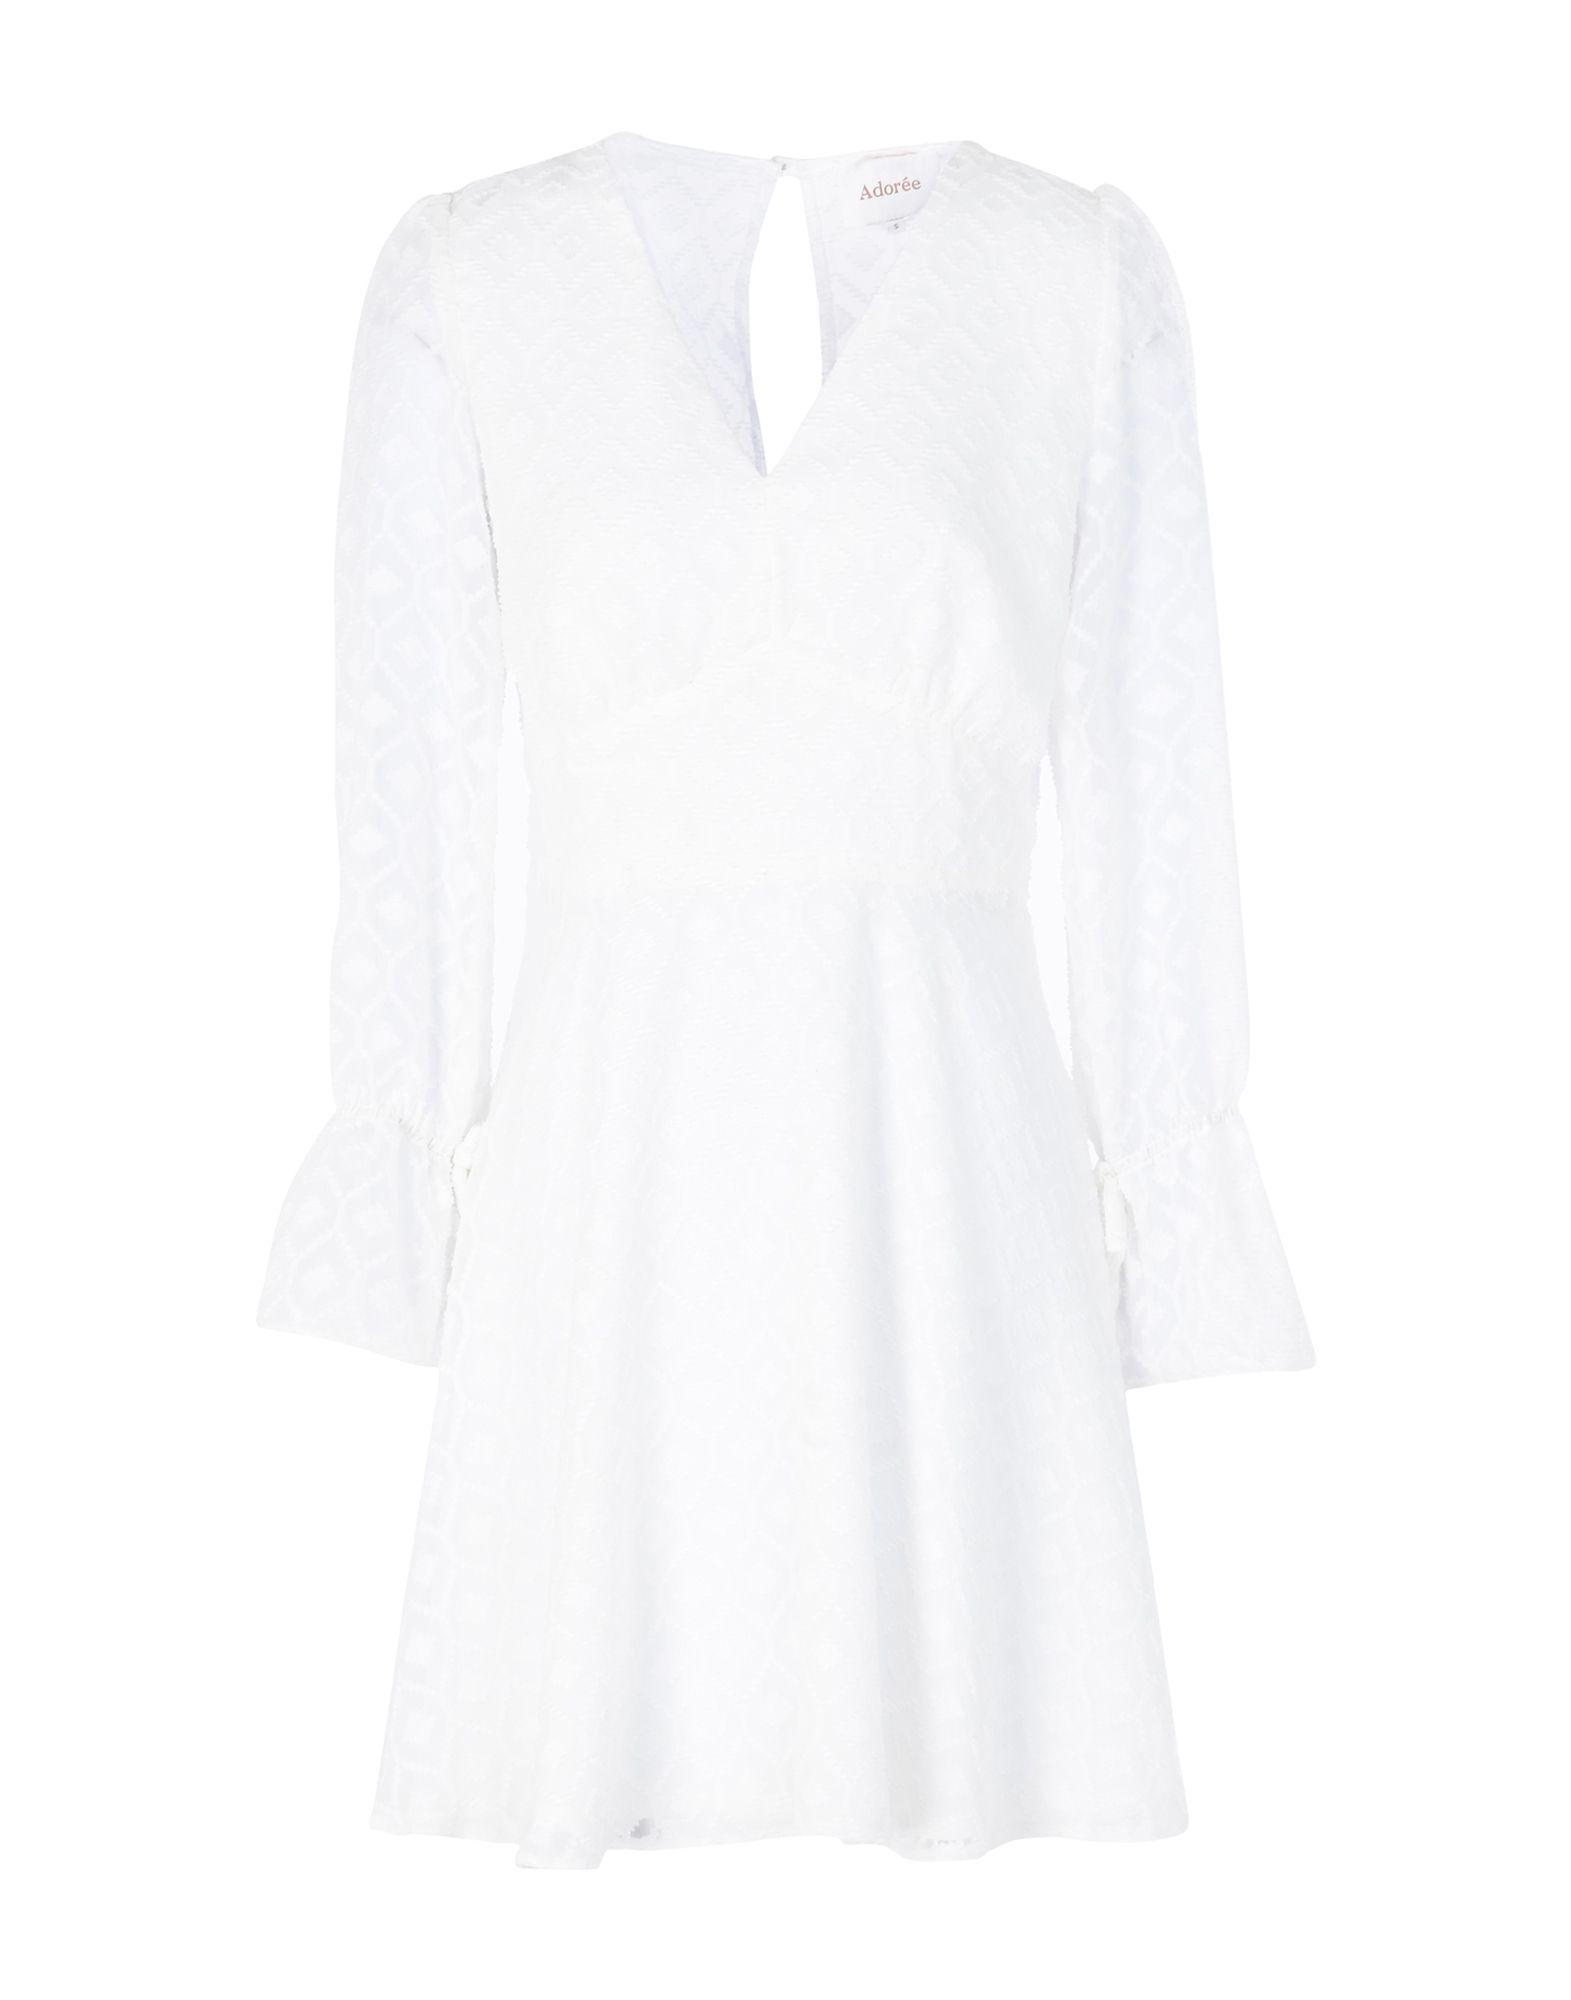 AdorÉE Short Dress In Ivory